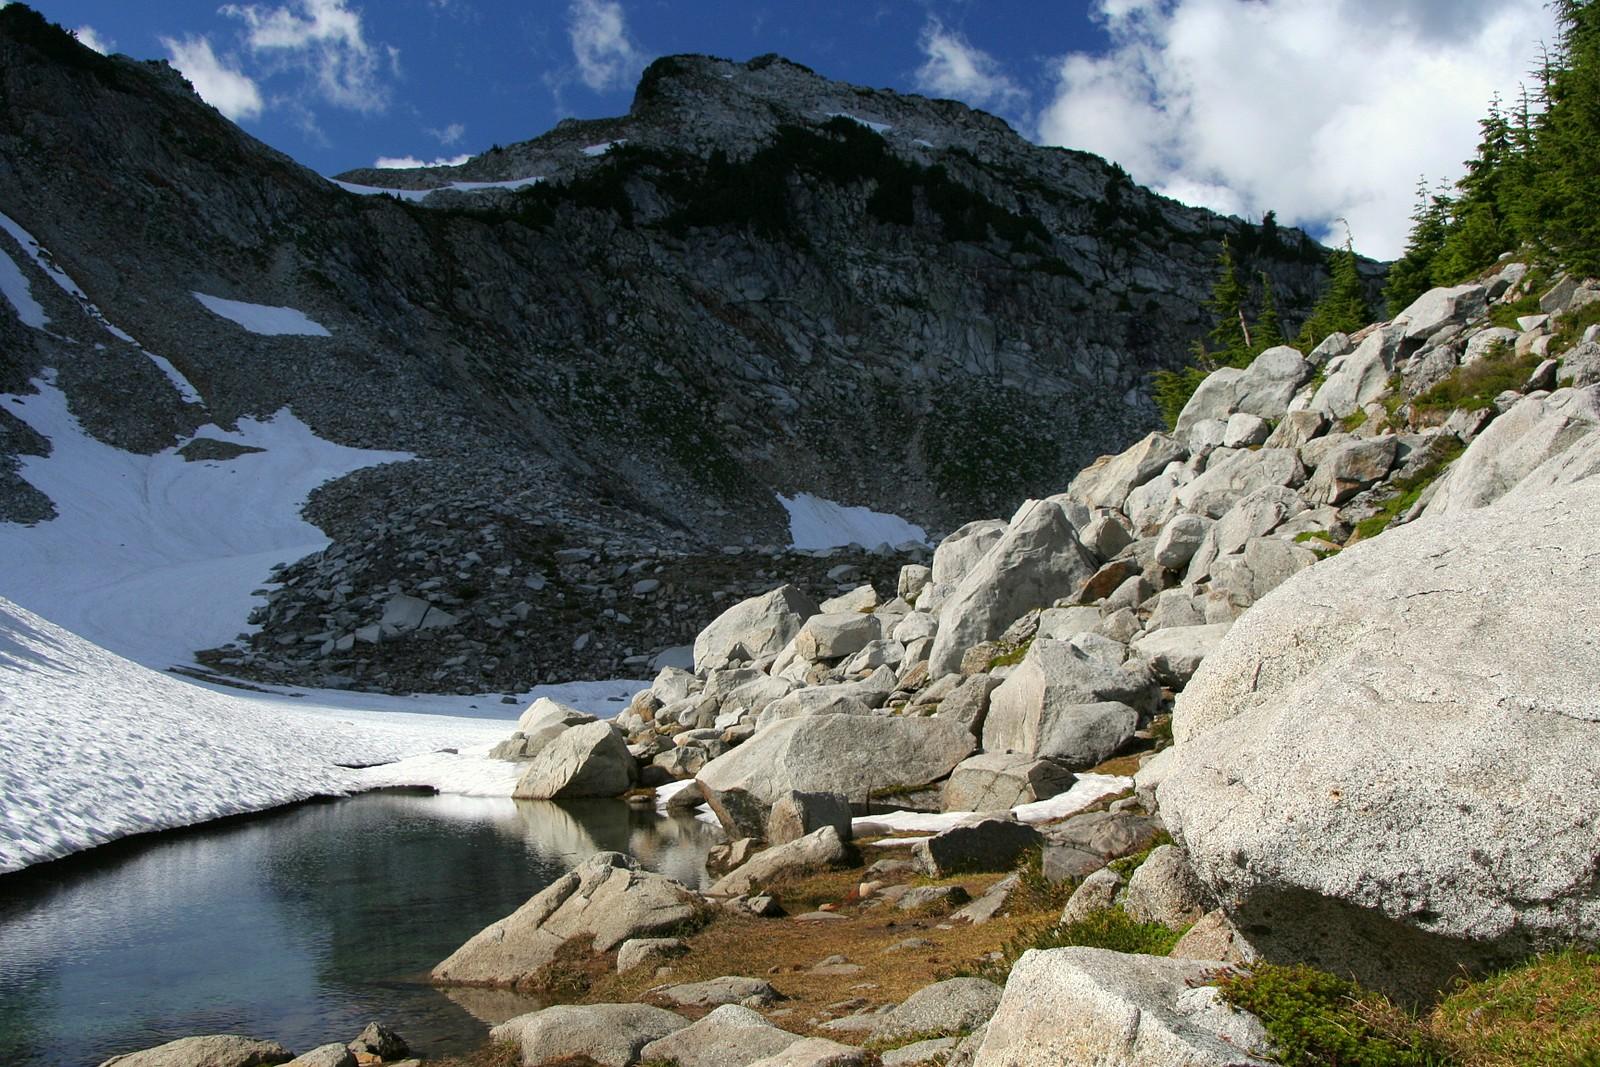 Vesper Peak and Lake Elan Basin